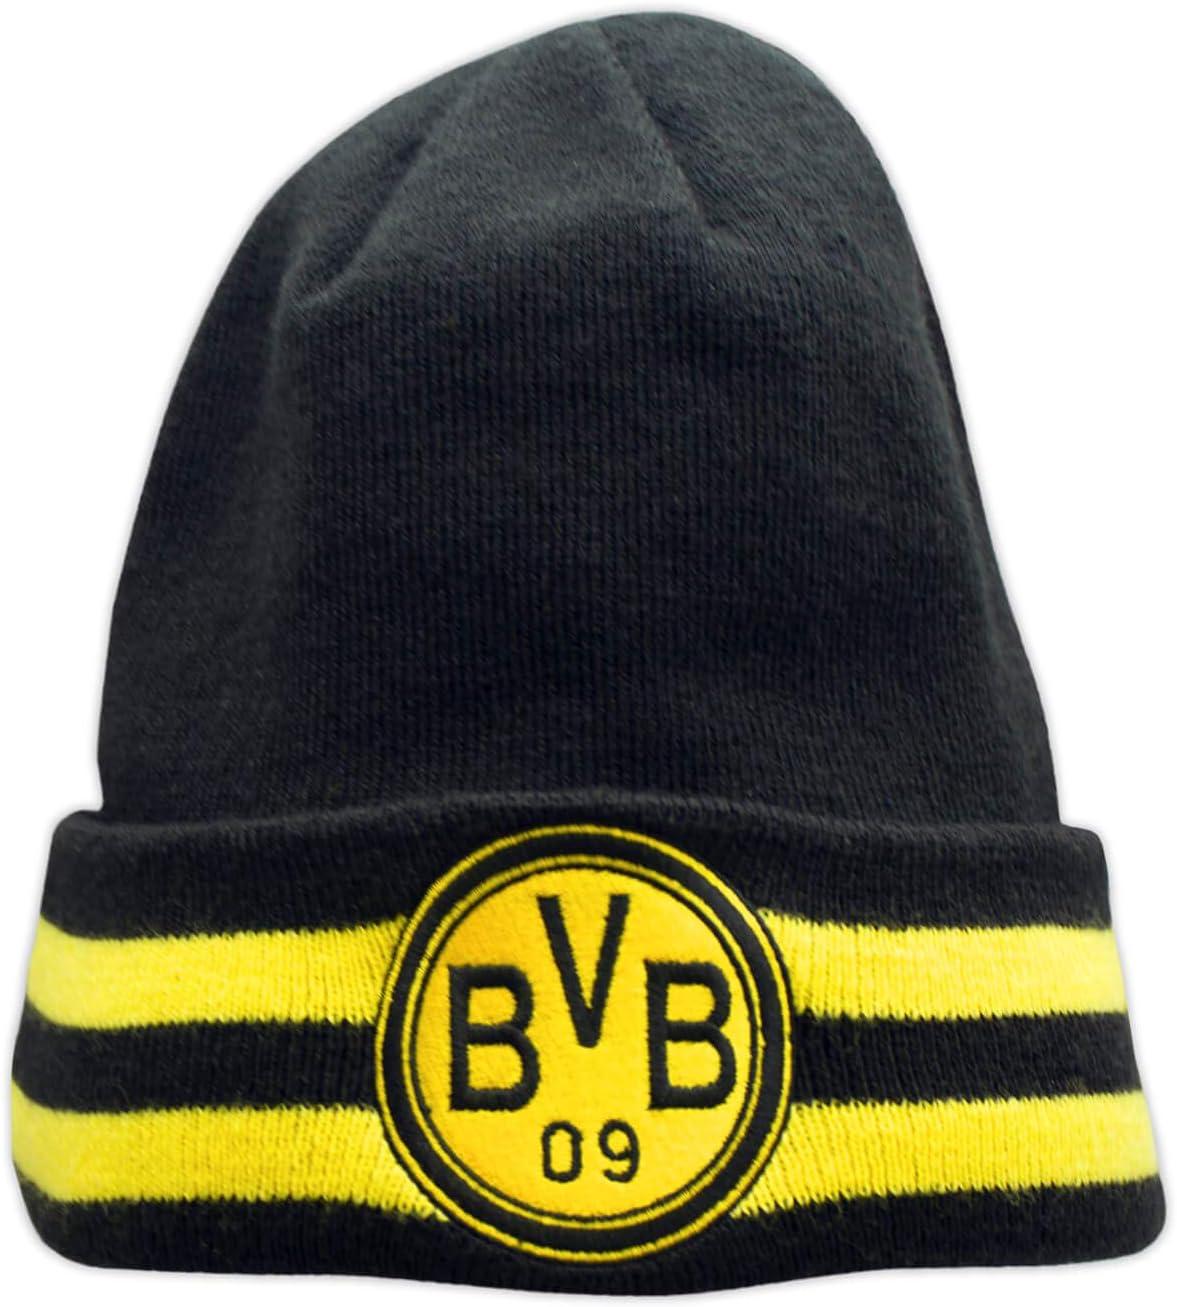 Borussia Dortmund BVB 09 Fanartikel Wendem/ütze M/ütze Beanie schwarz-gelb f/ür Kinder